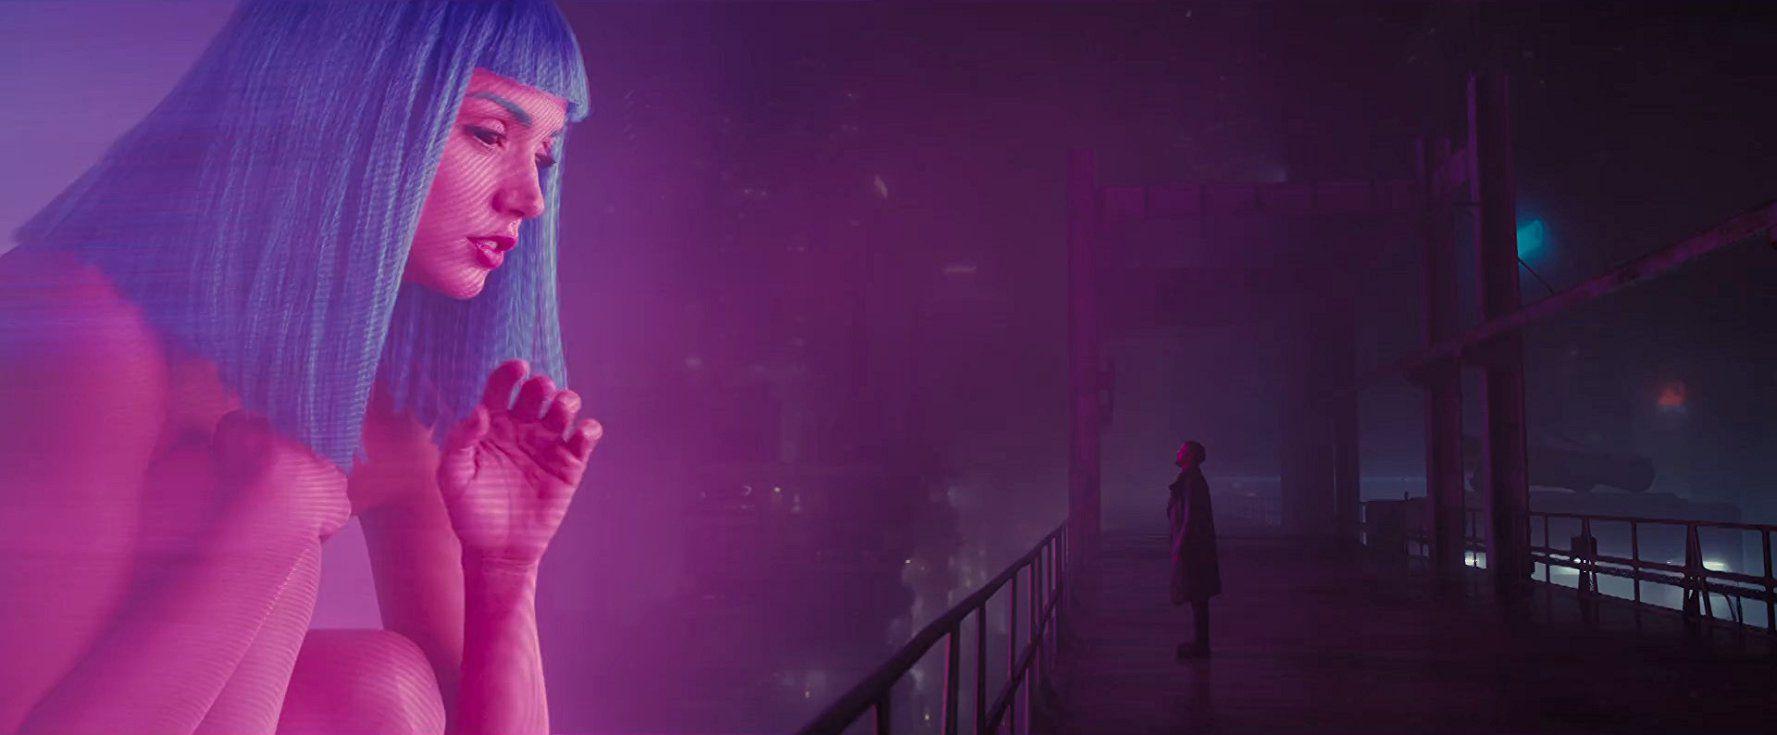 Top 10 phim khoa học viễn tưởng hay nhất Hollywood 2017 - Phim Mỹ (9)